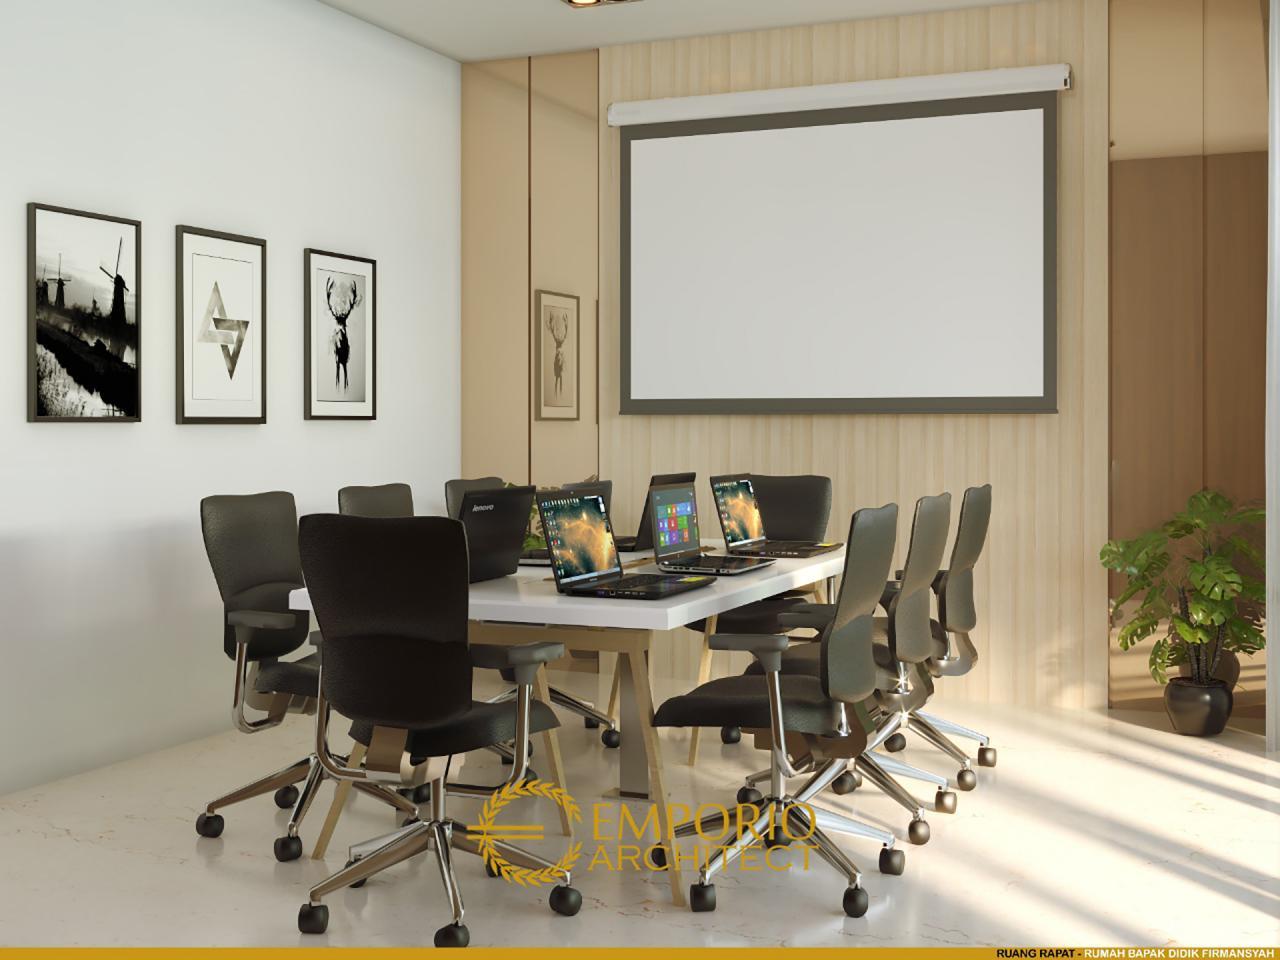 jasa arsitek buleleng bali desain rumah dan kantor modern 2 lantai bapak didik firmansyah 6183673300920113034 2